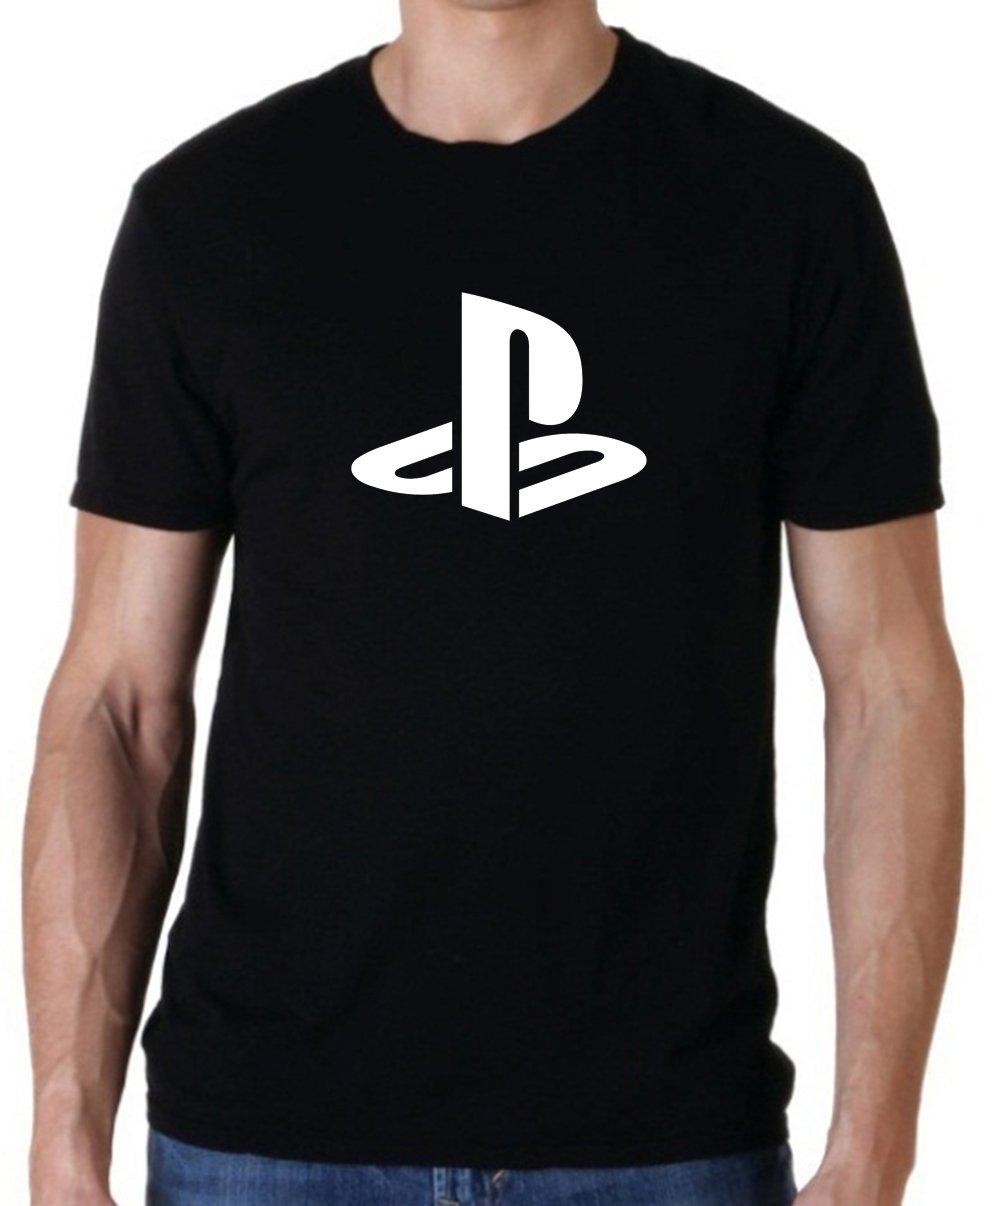 Ps4 Playstation Gaming T Shirt